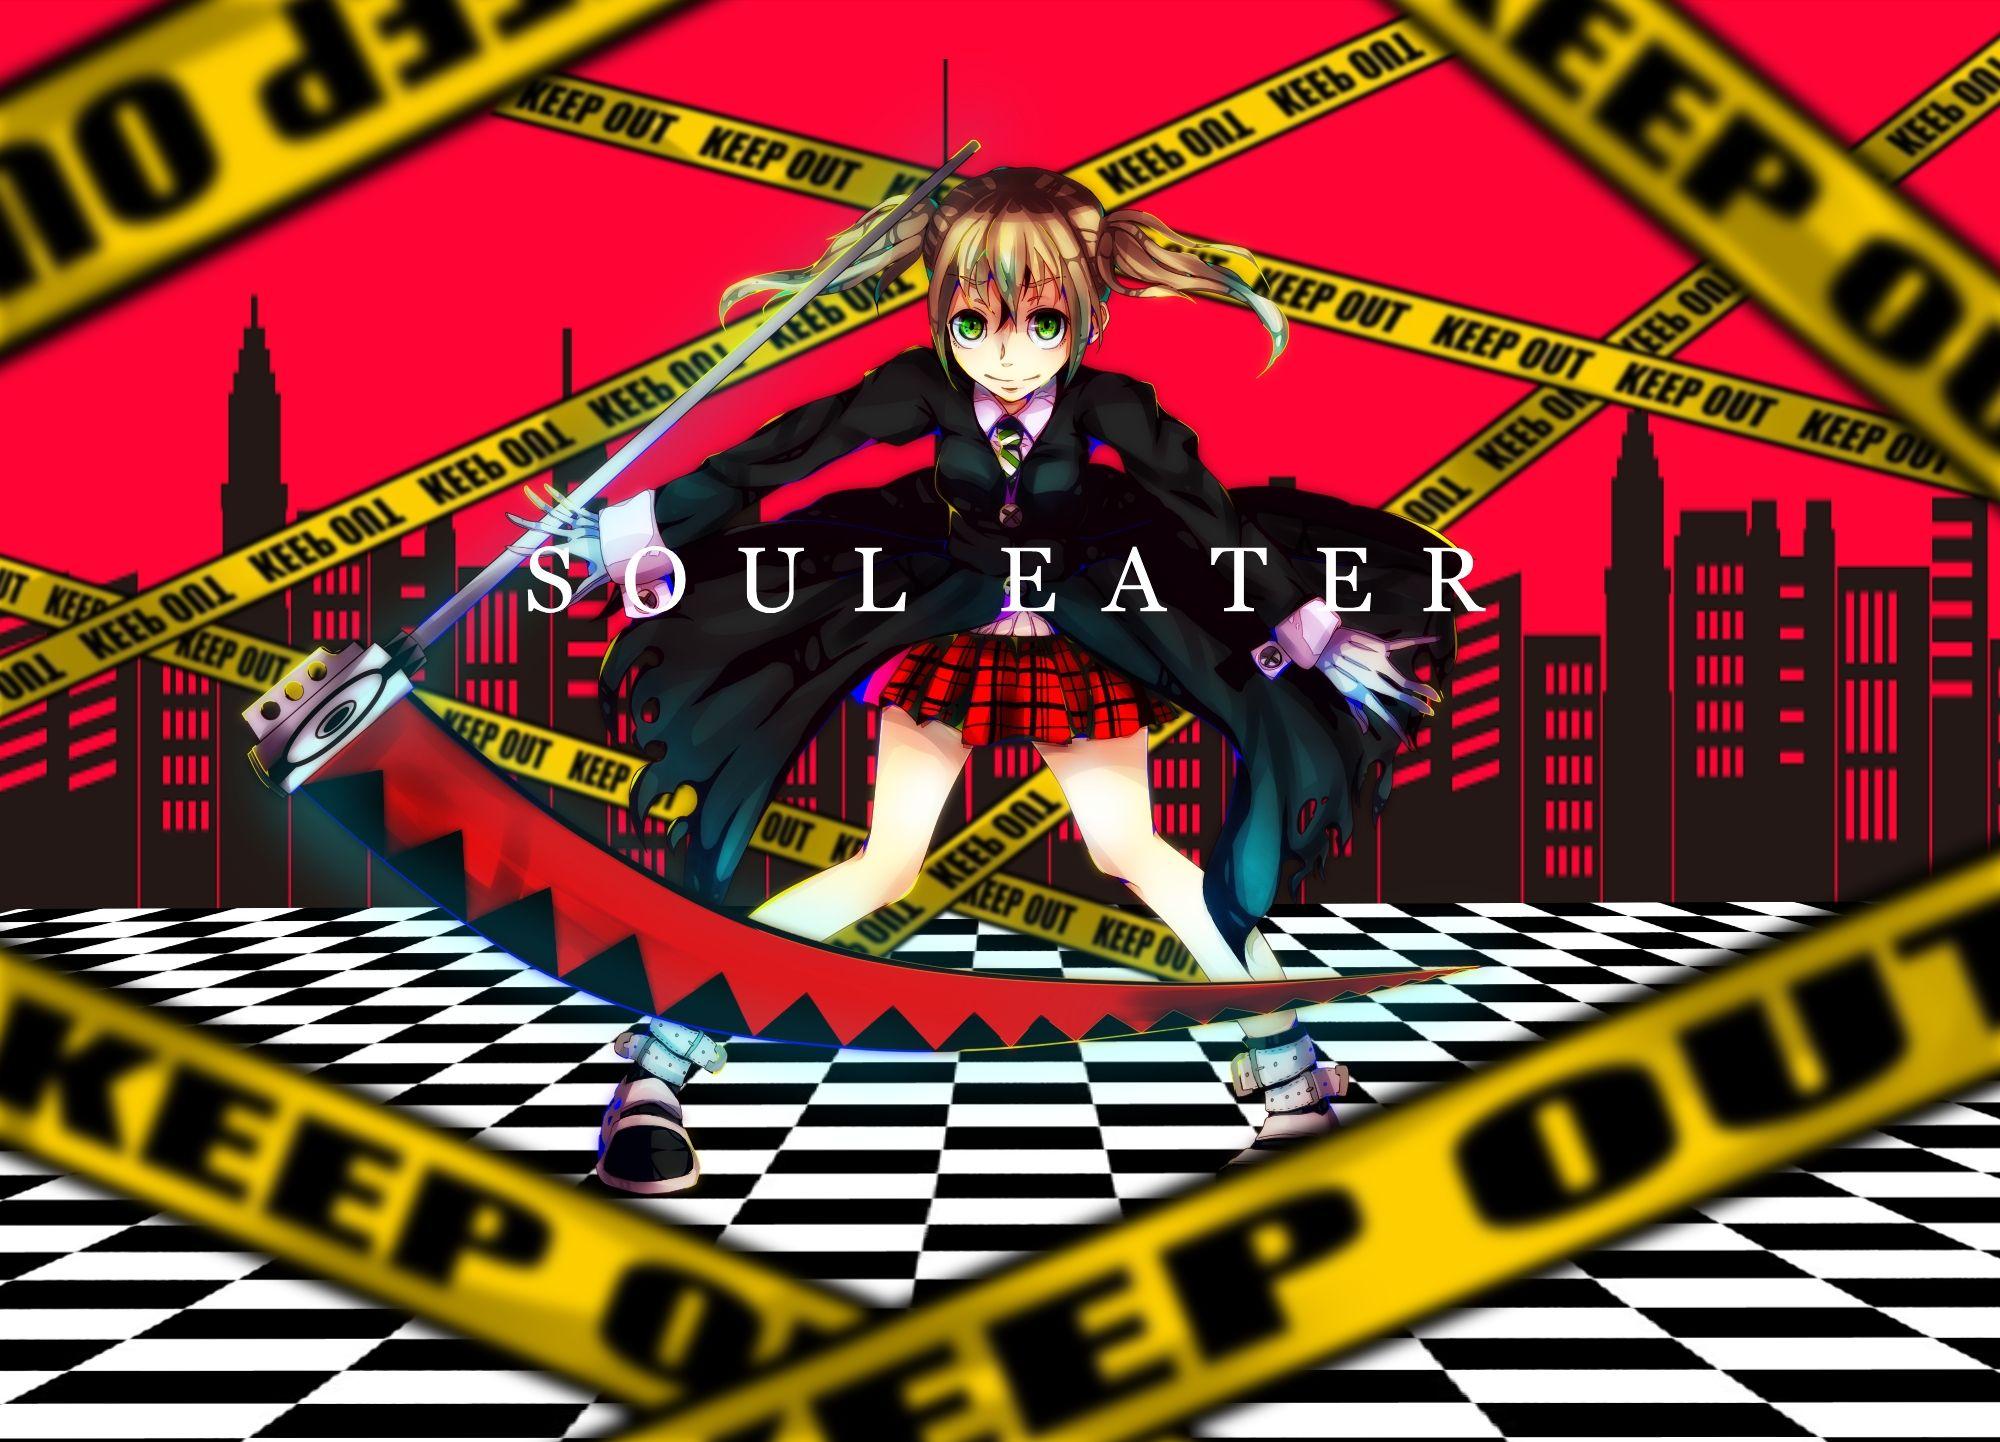 Anime Soul Eater Wallpaper Soul eater, Anime soul, Soul